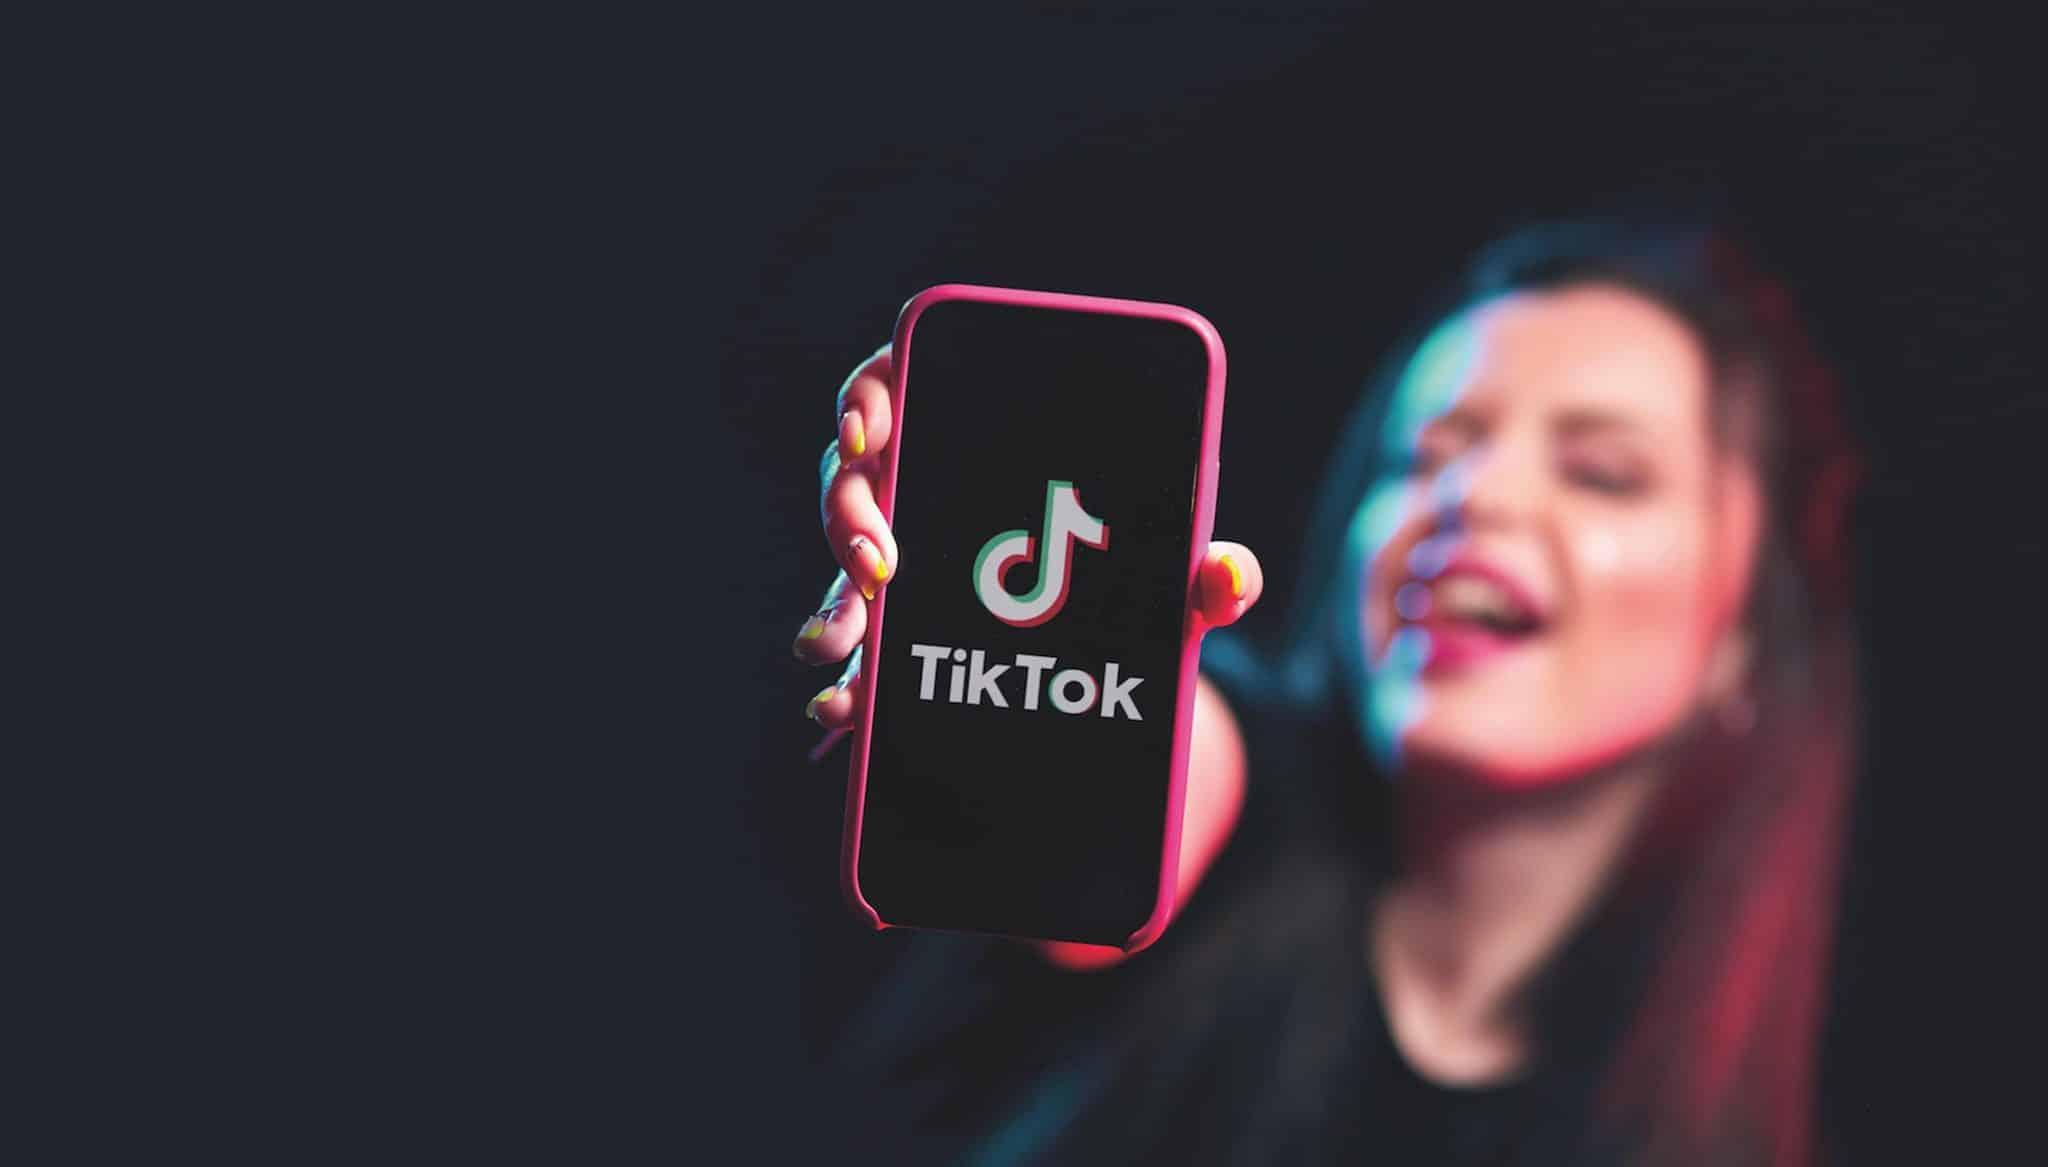 imagem 1 de Como mudar a velocidade de gravação de vídeos no TikTok